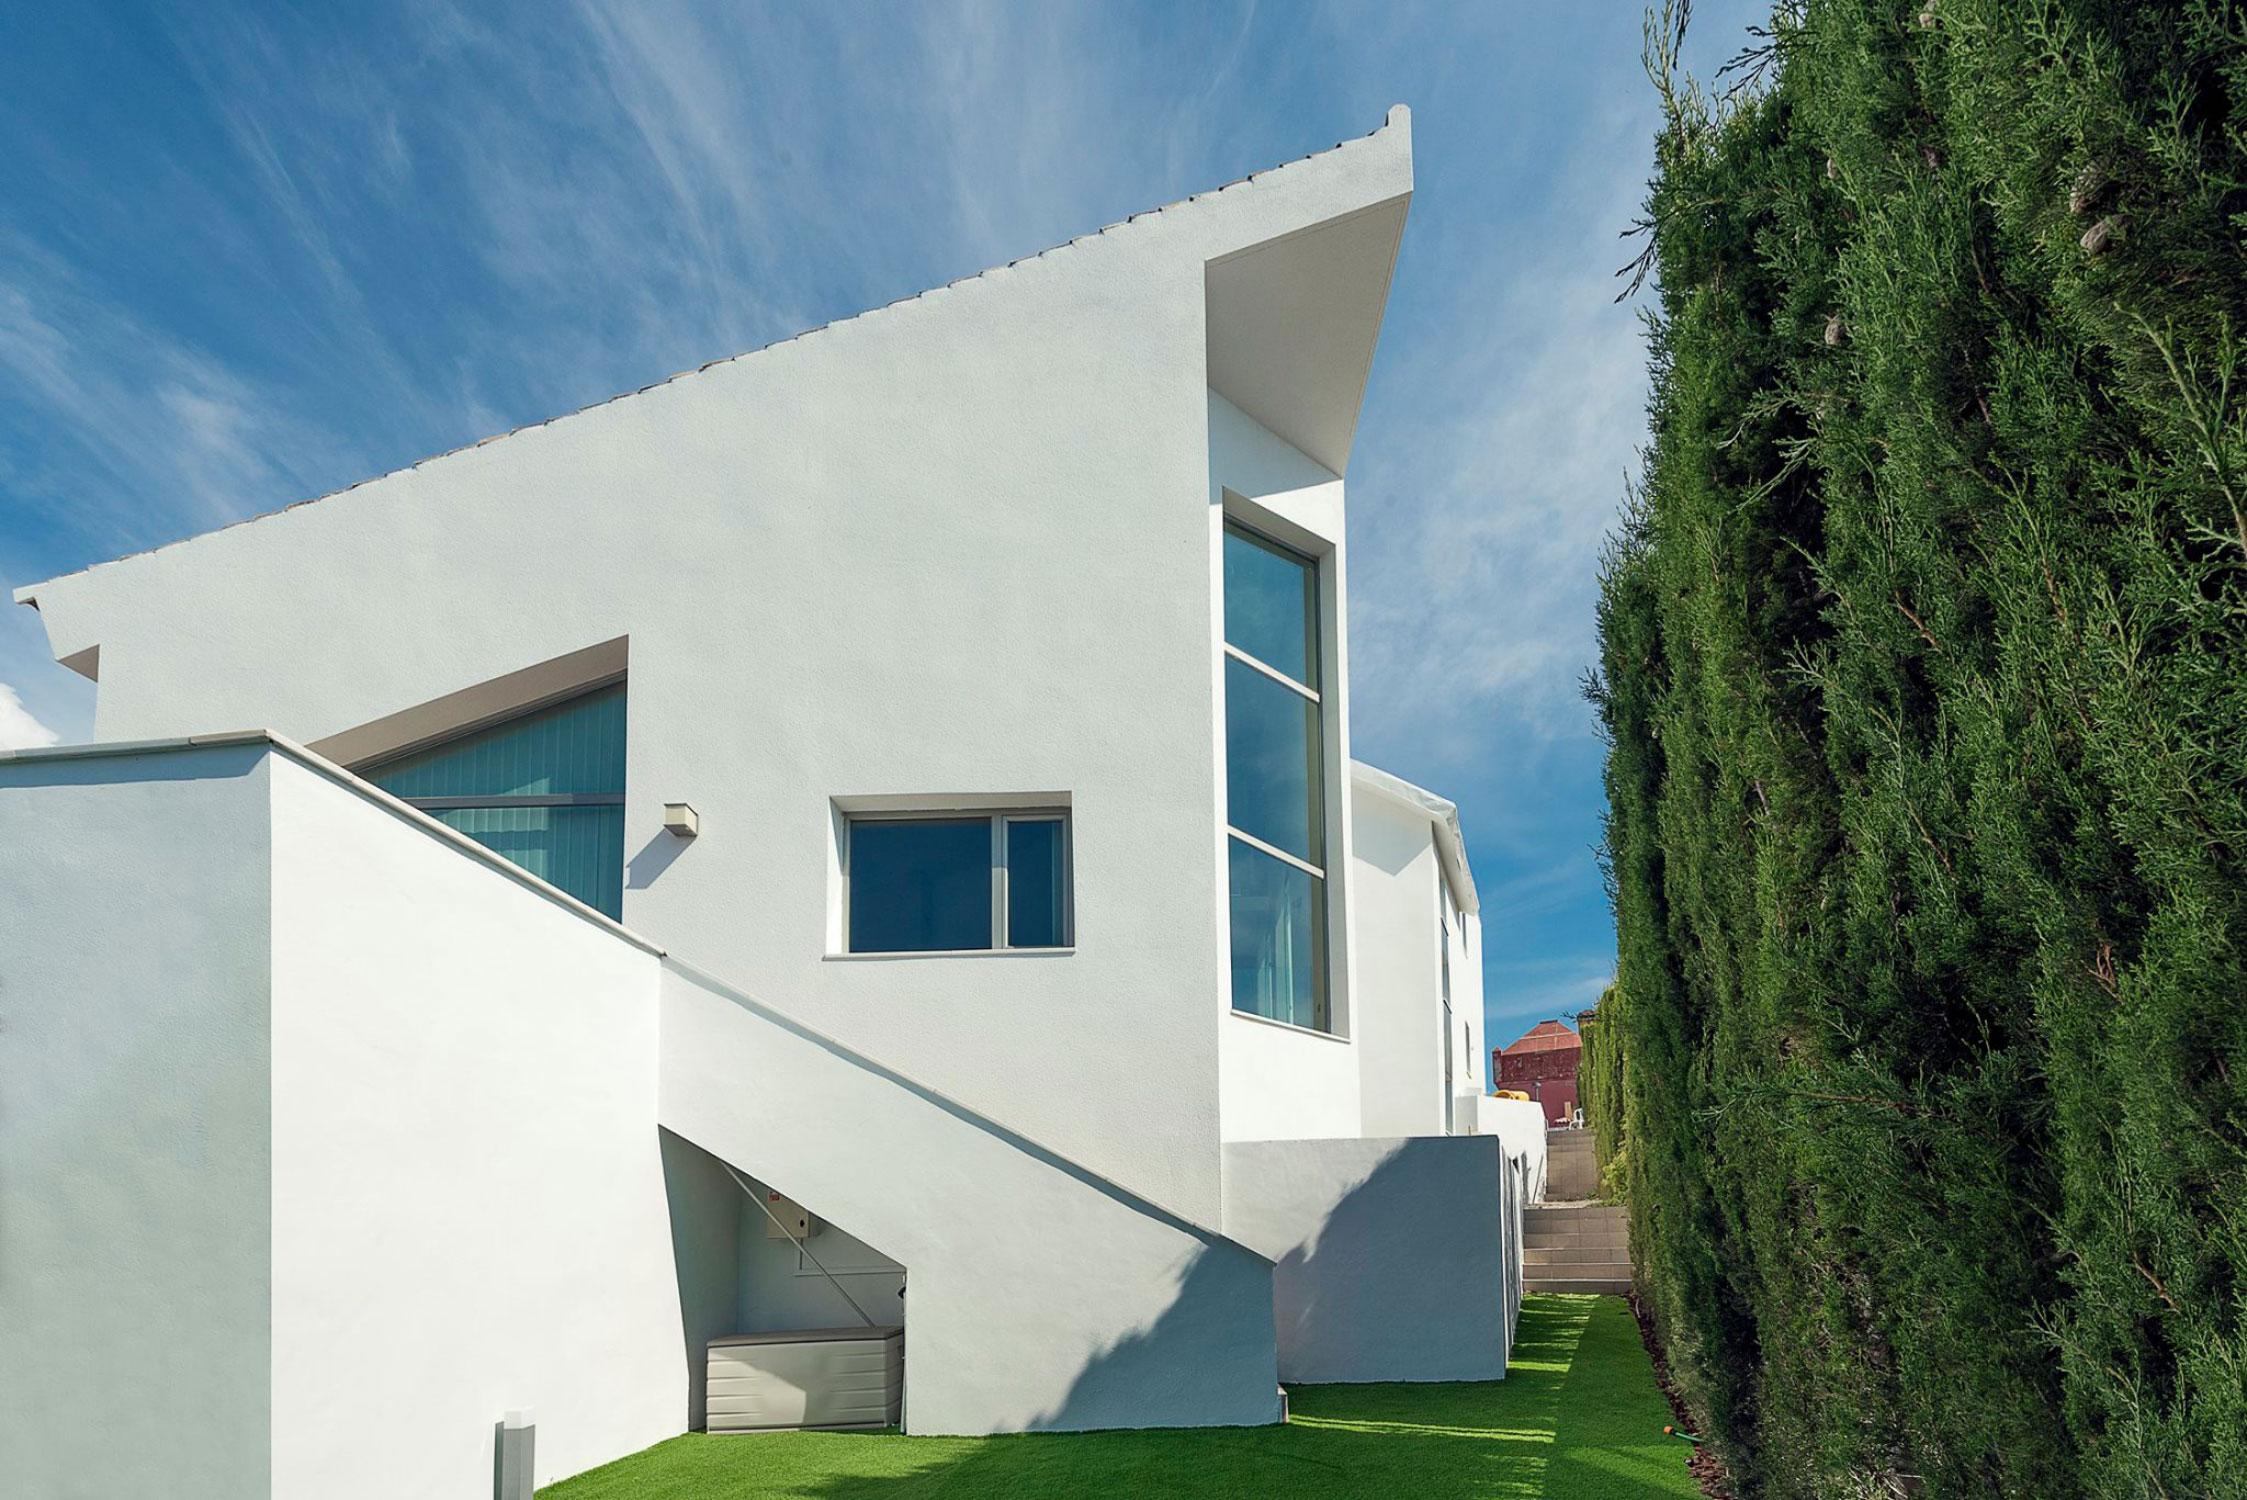 Vivienda unifamiliar en La Zubia, Granada